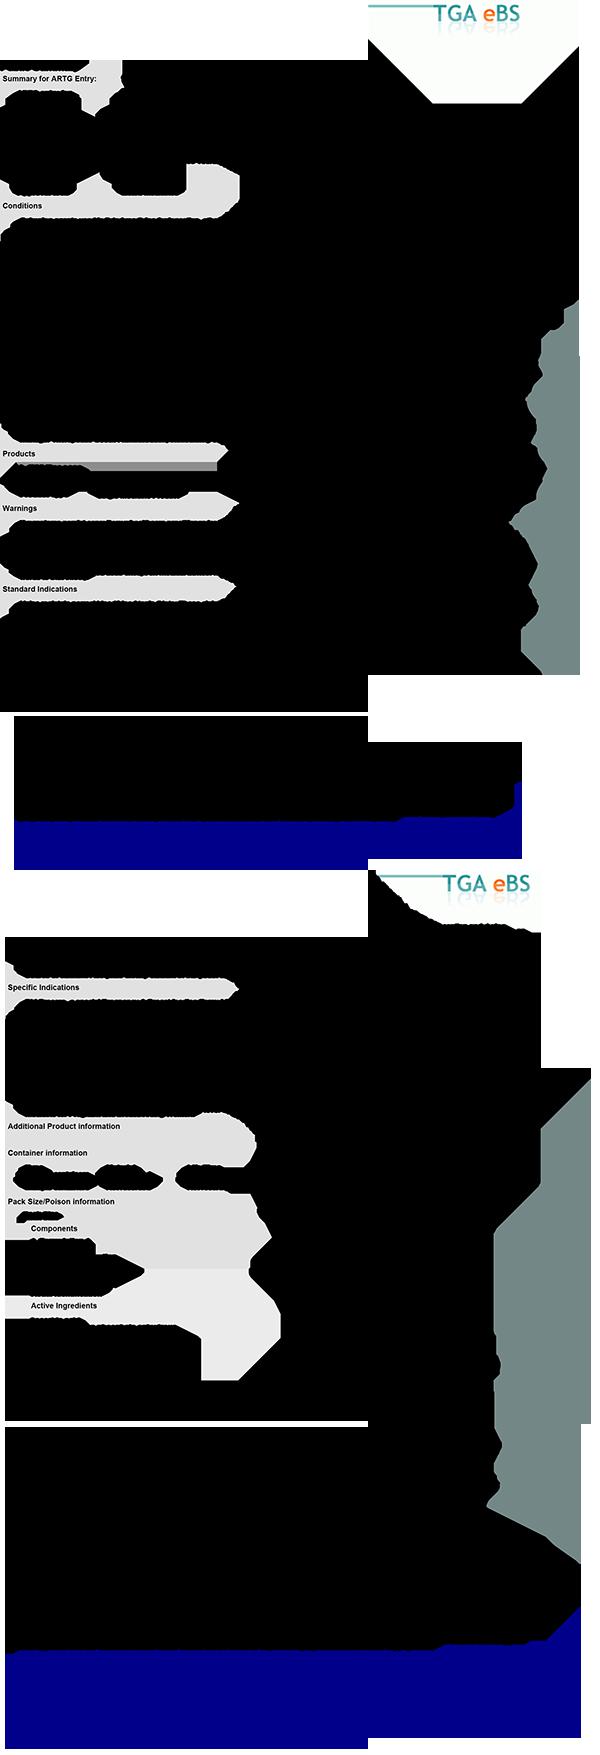 Đăng ký sản phẩm thuốc Procare tại TGA - Australia (Cơ quan quản lý dược phẩm tại Úc) 1